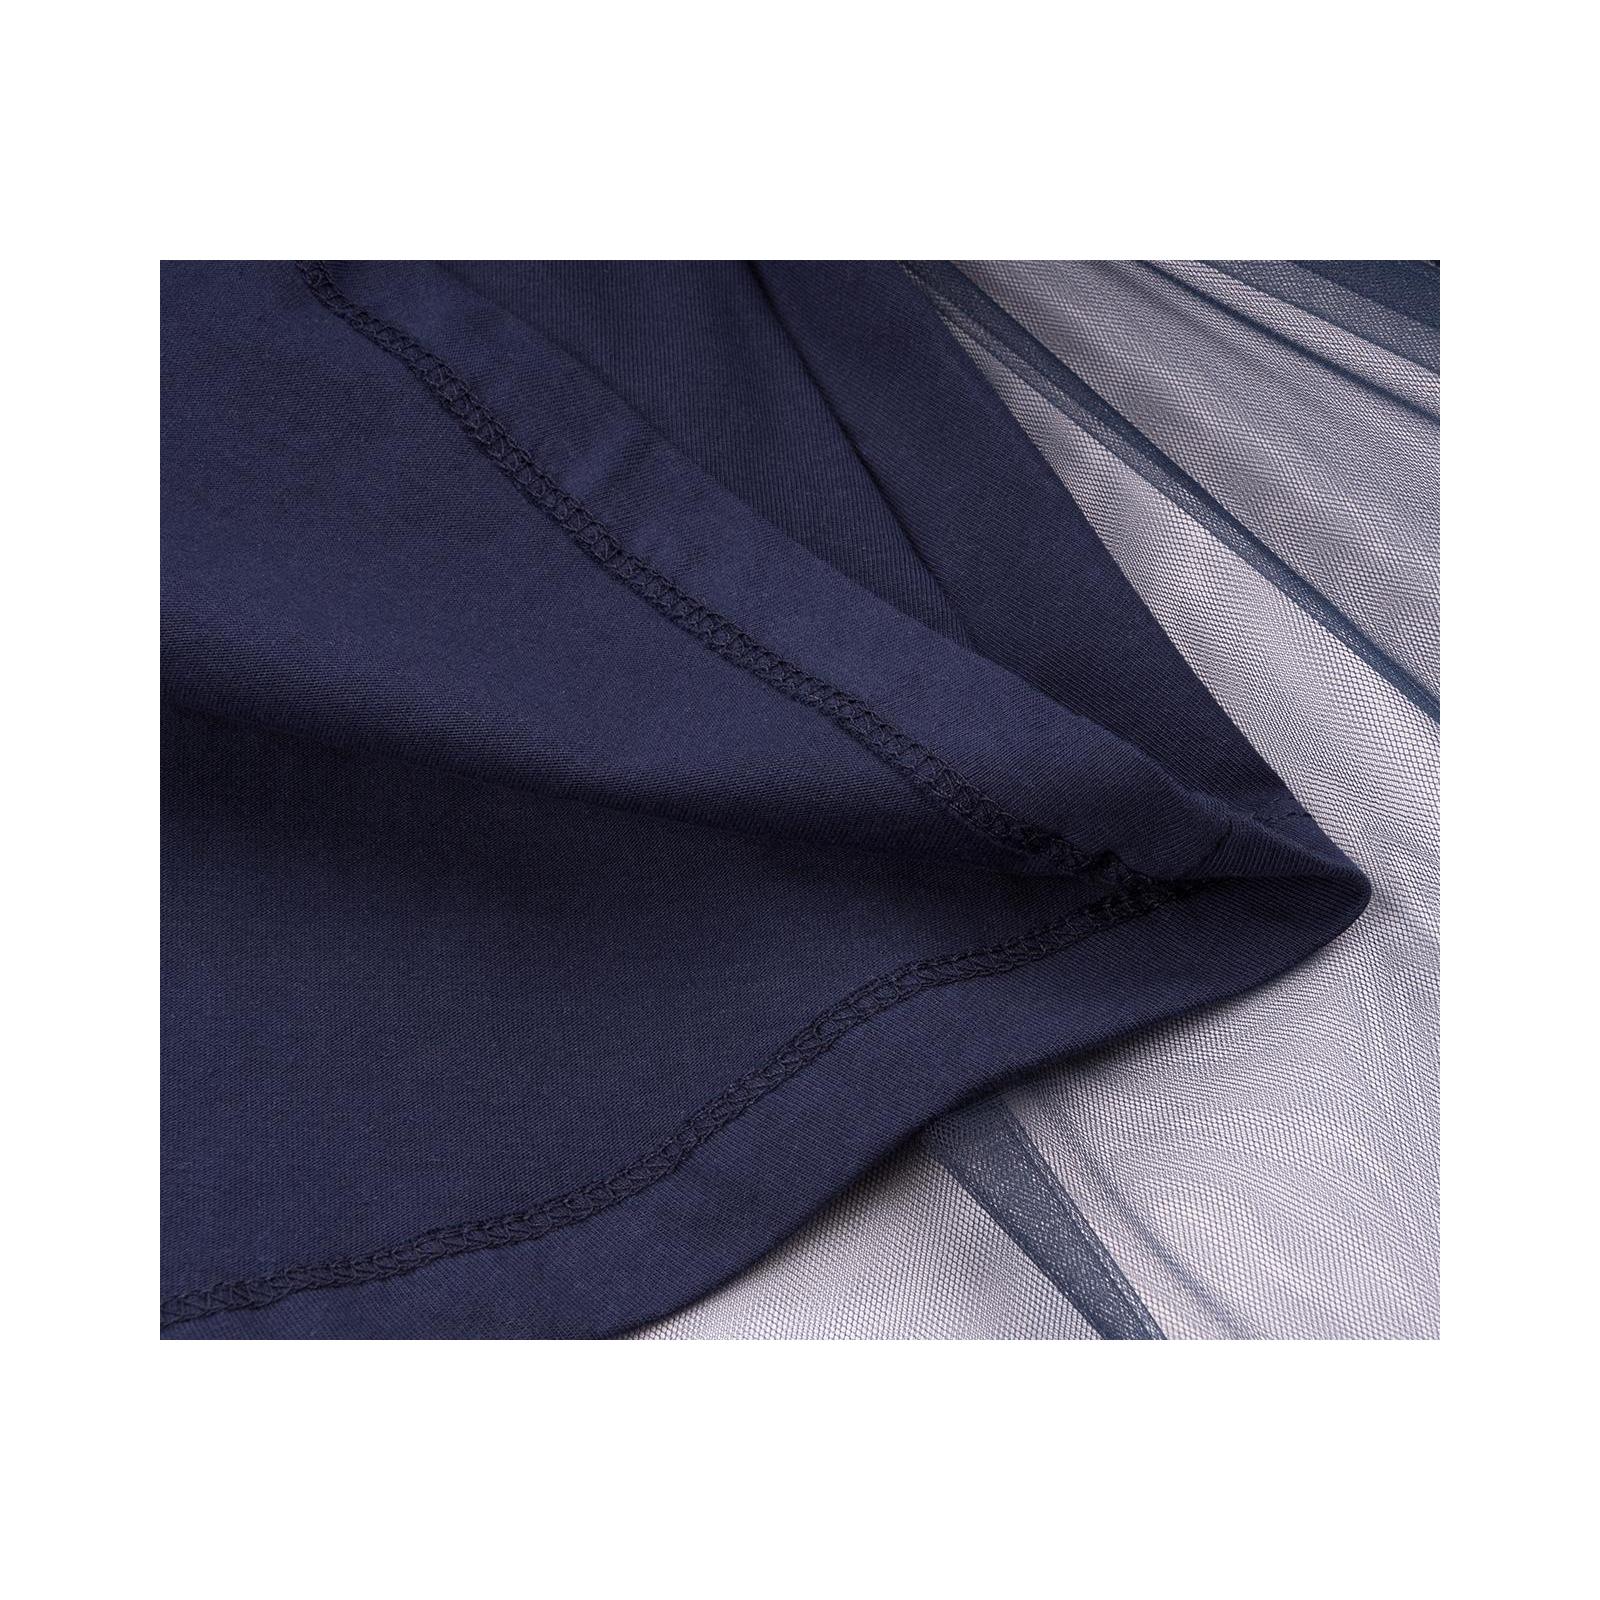 Платье Breeze с кружевным лифом и ассиметричной юбкой (11027-116G-blue) изображение 6